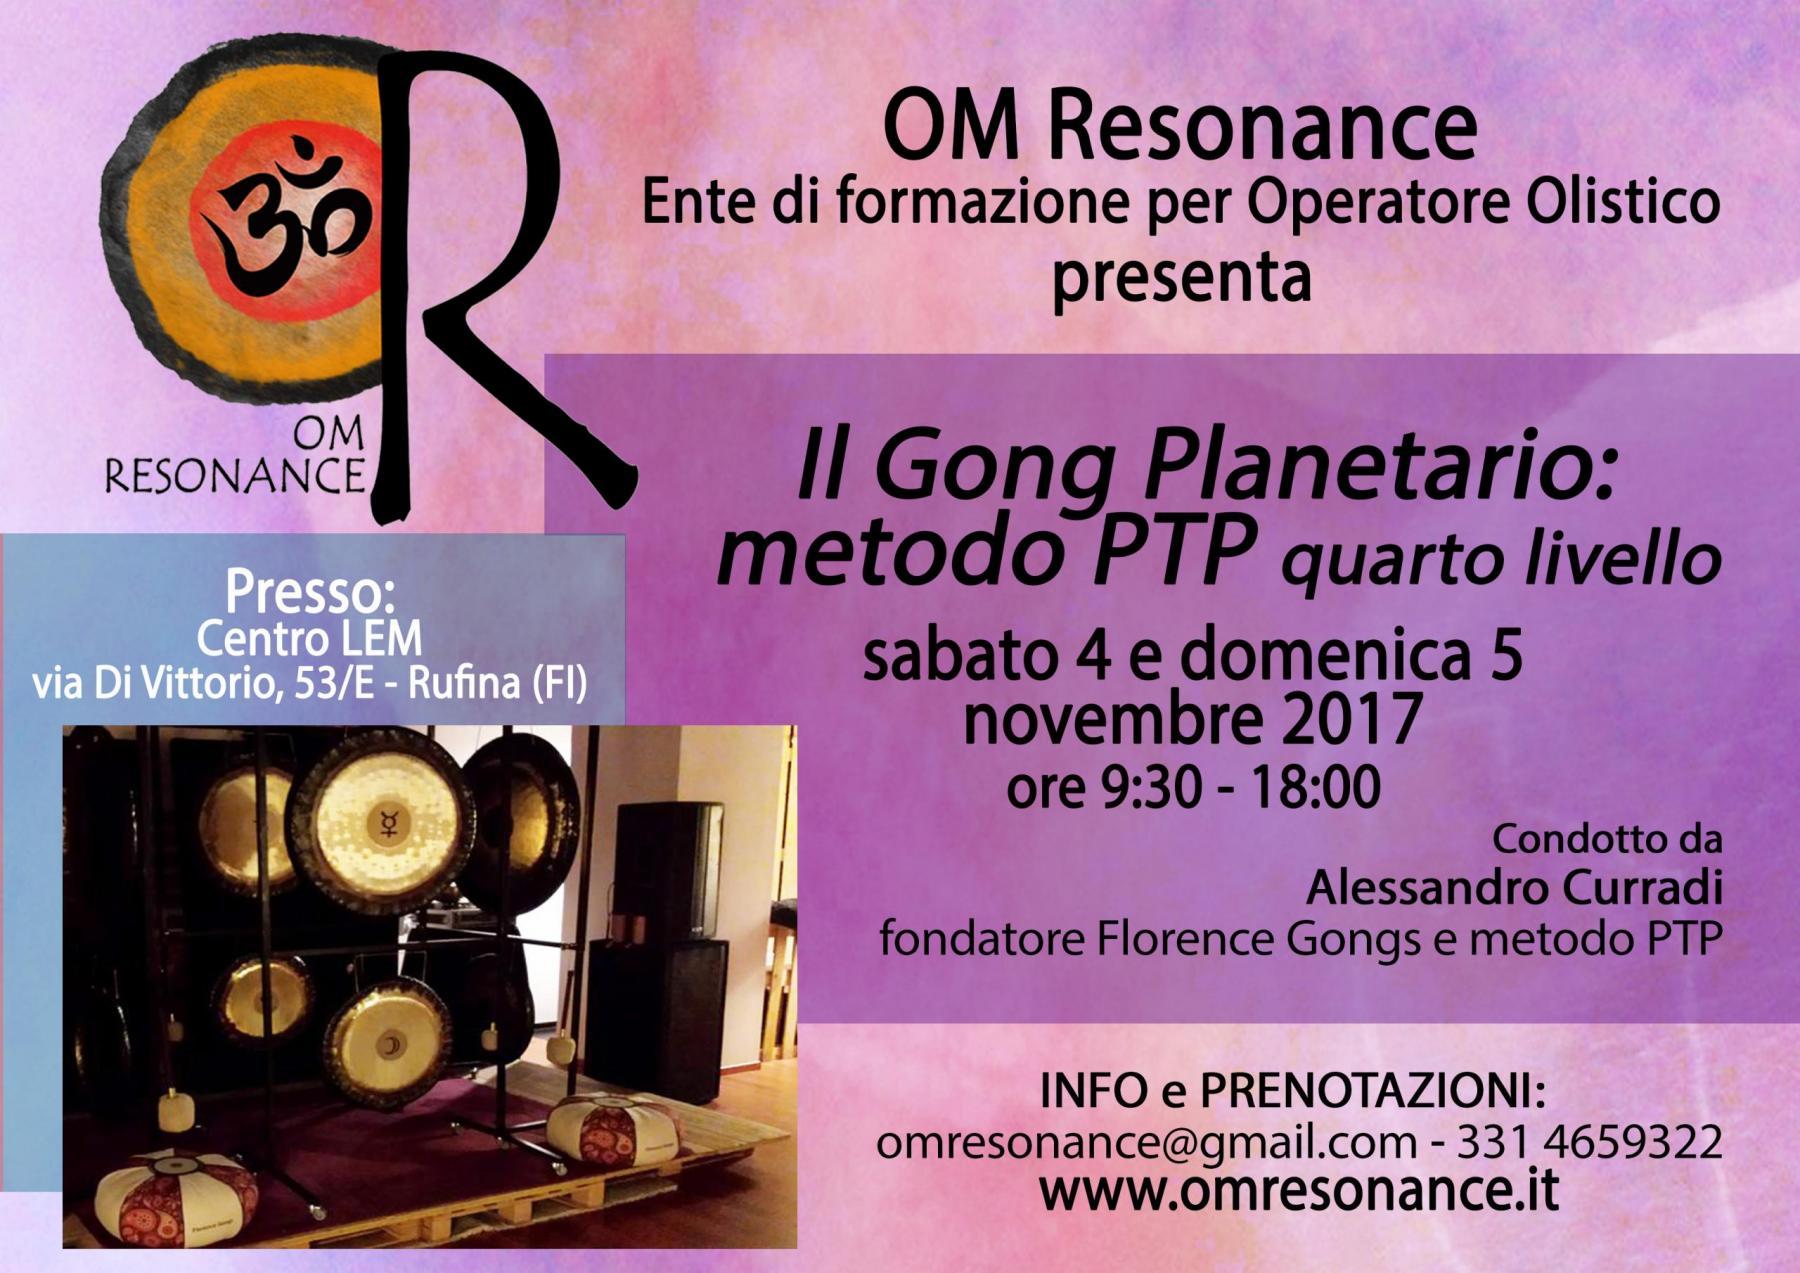 Firenze gong 4 novembre 2017